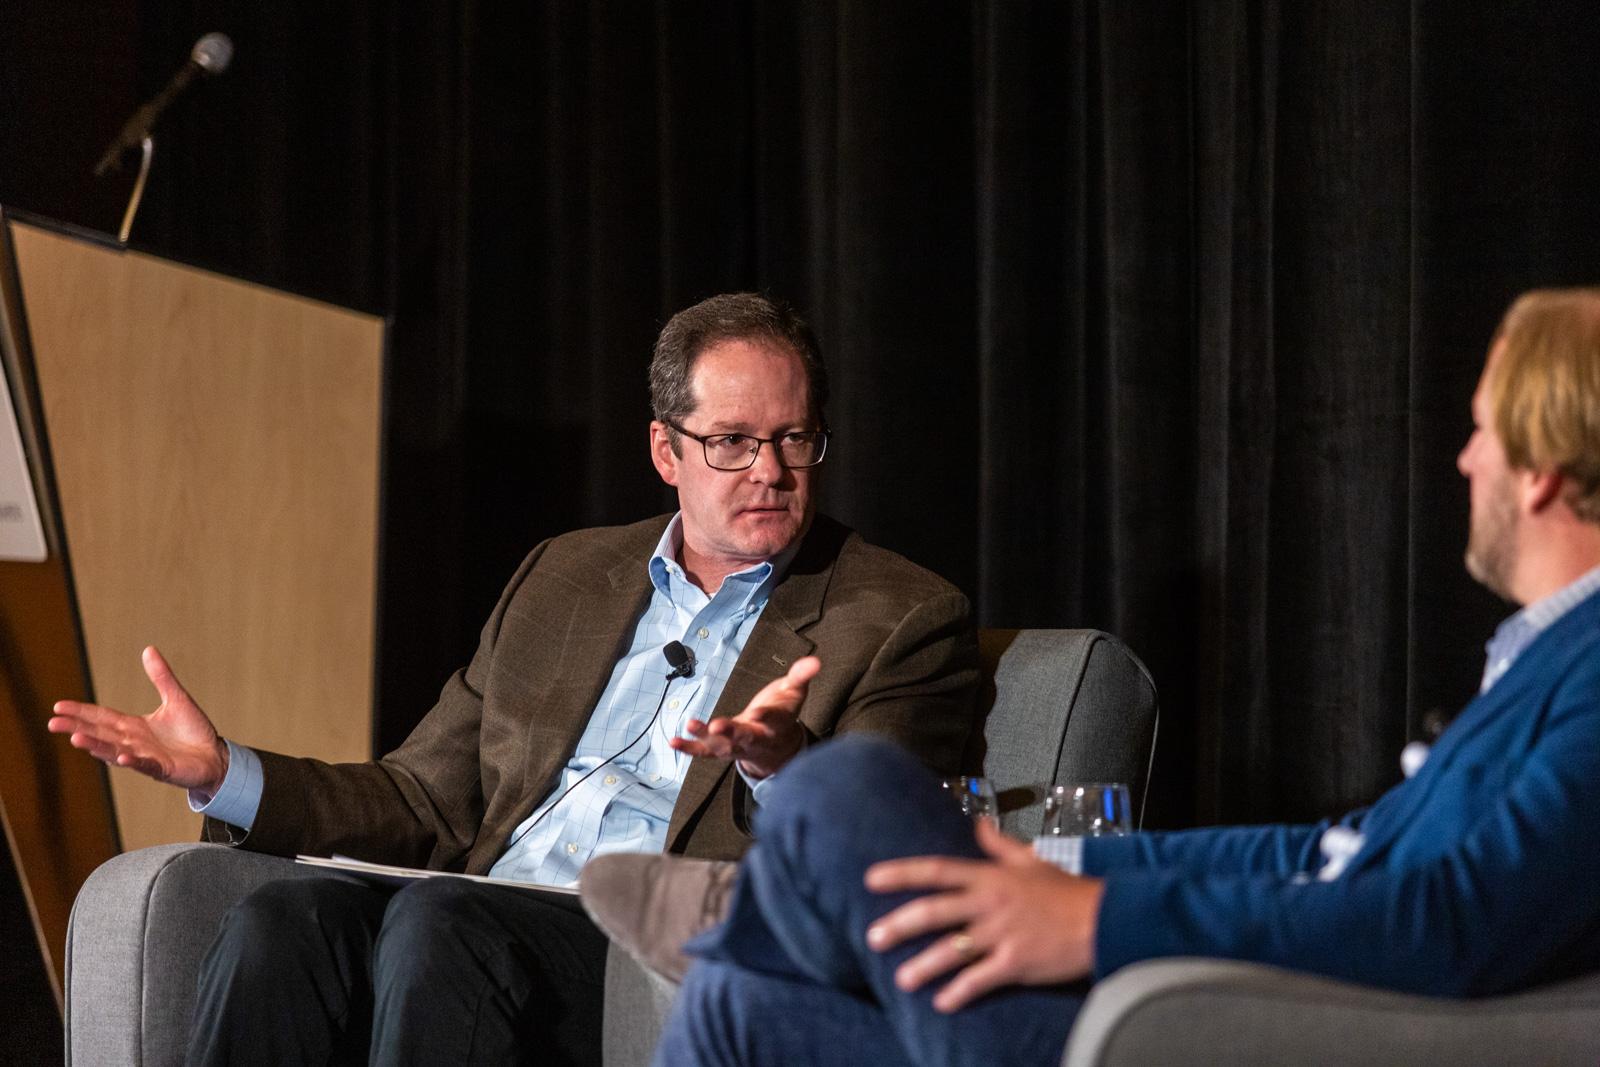 John Dearie, Founder of The Center for American Entrepreneurship